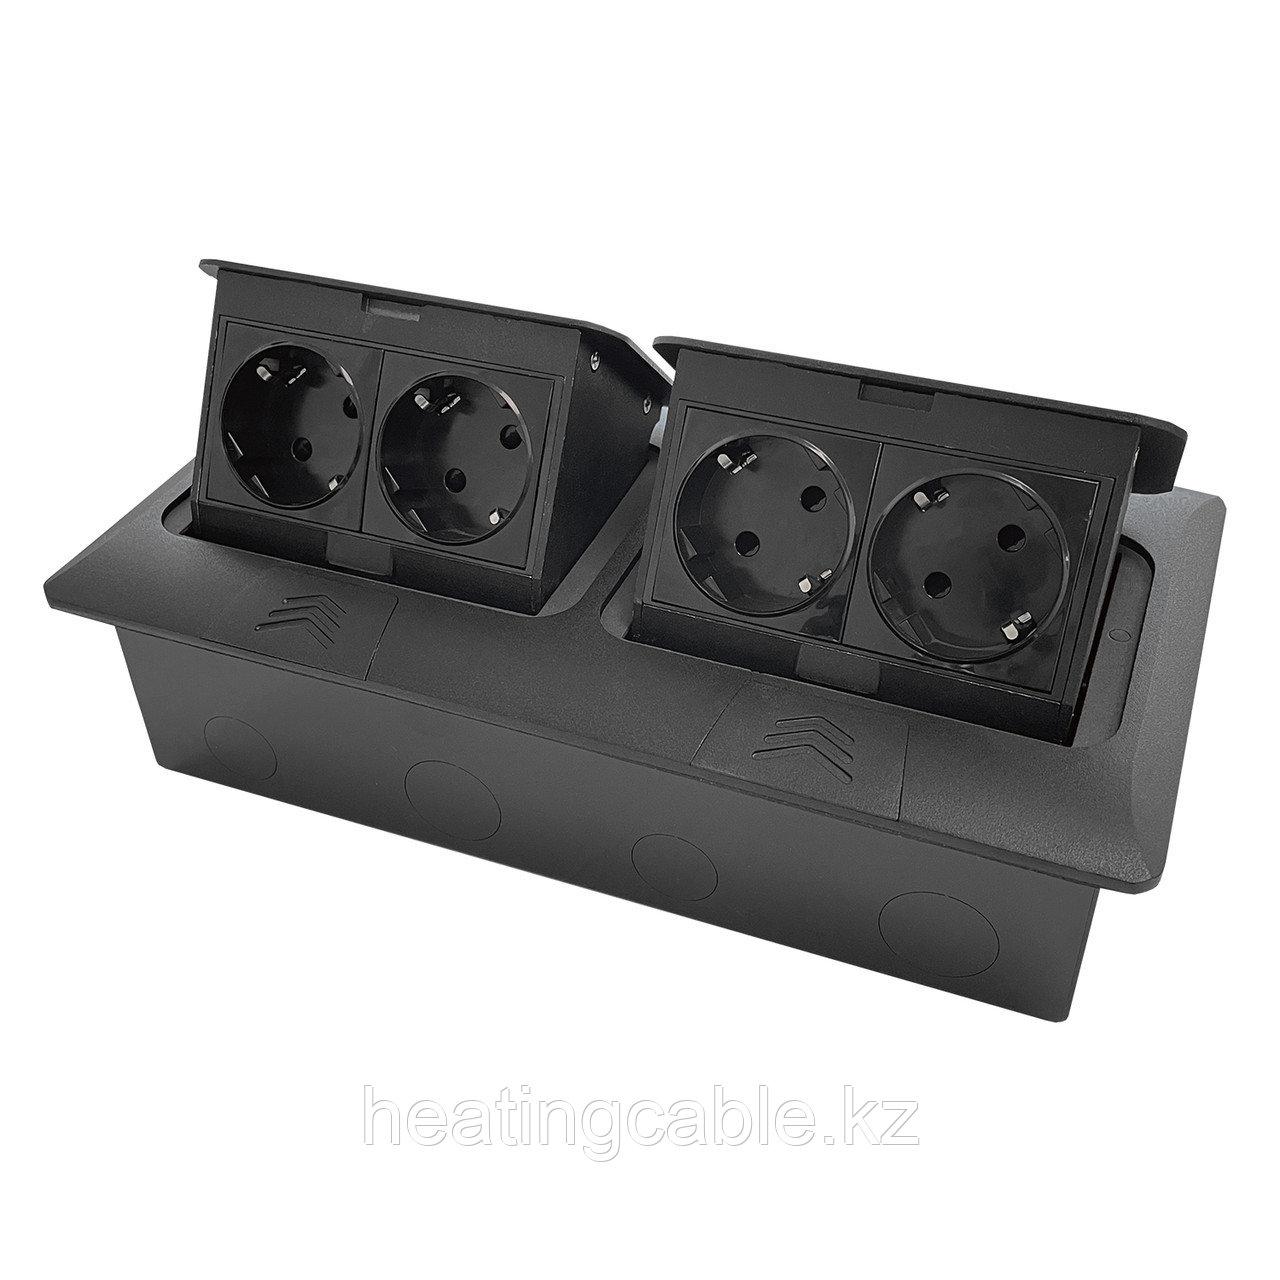 Напольный/настольный лючок на 2х4 модуля, металл, матовый черный